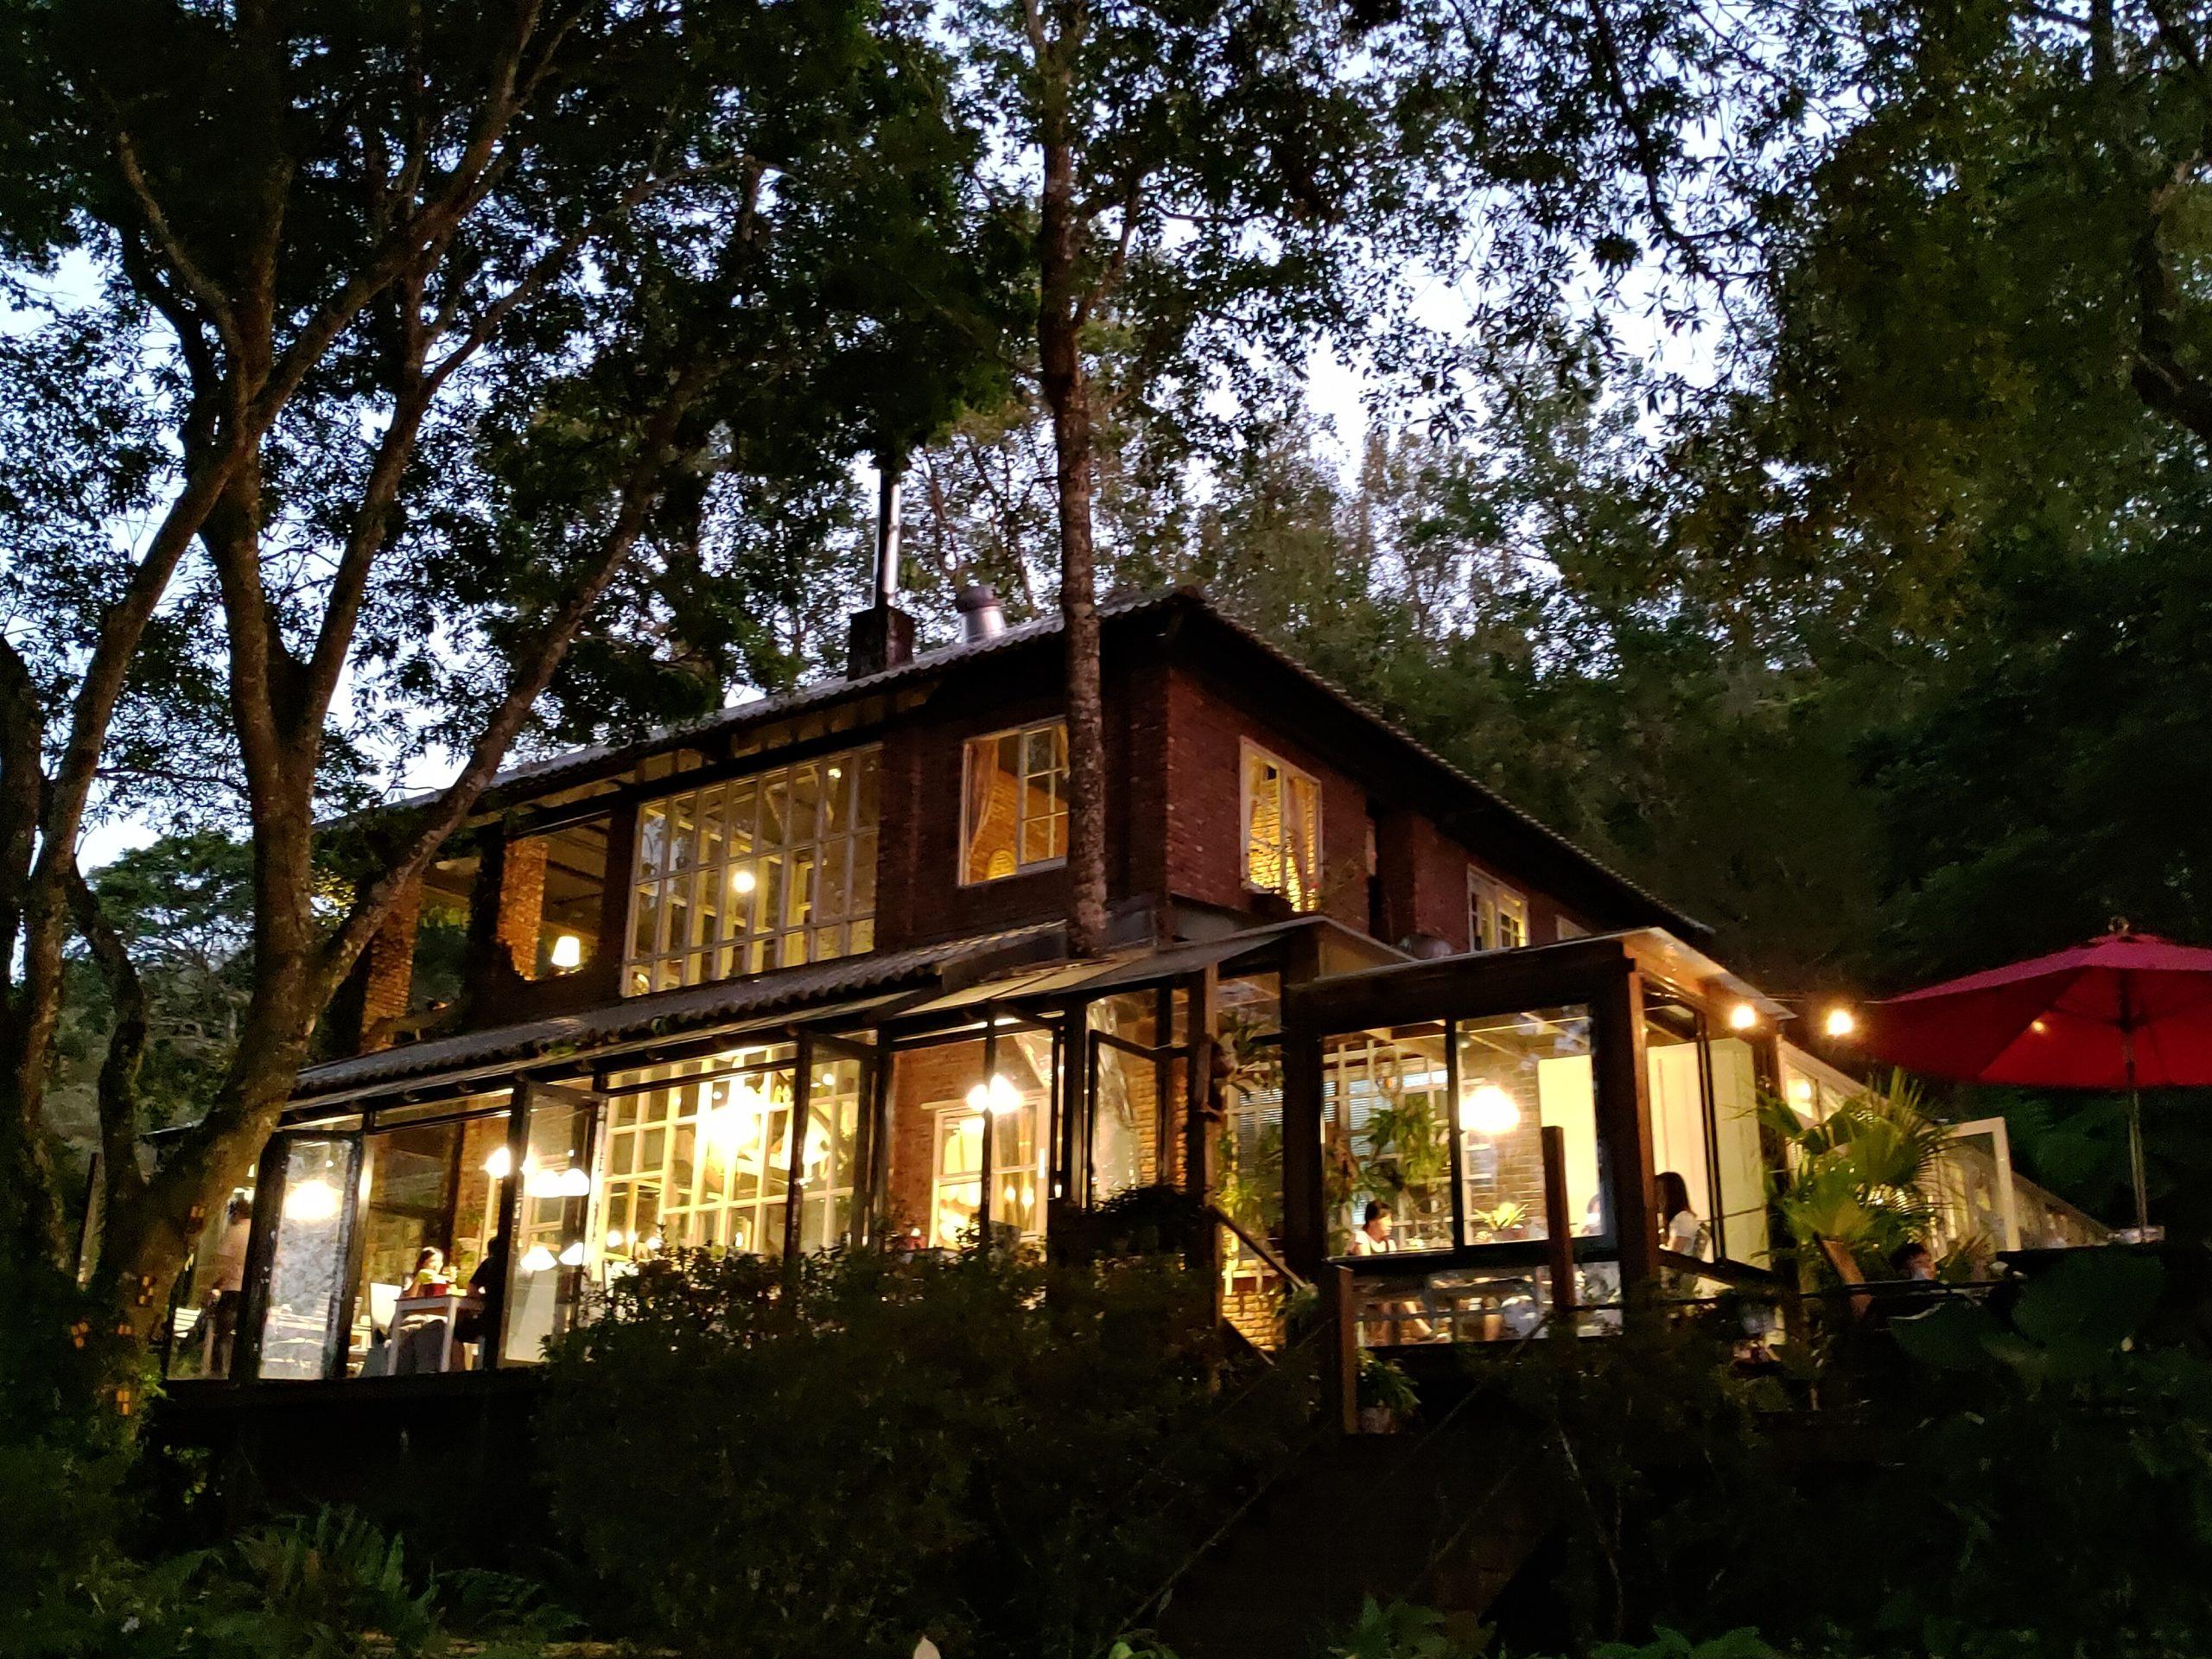 【新竹尖石】六號花園|山中絕美秘境,如歷童話般的獨特午茶時光